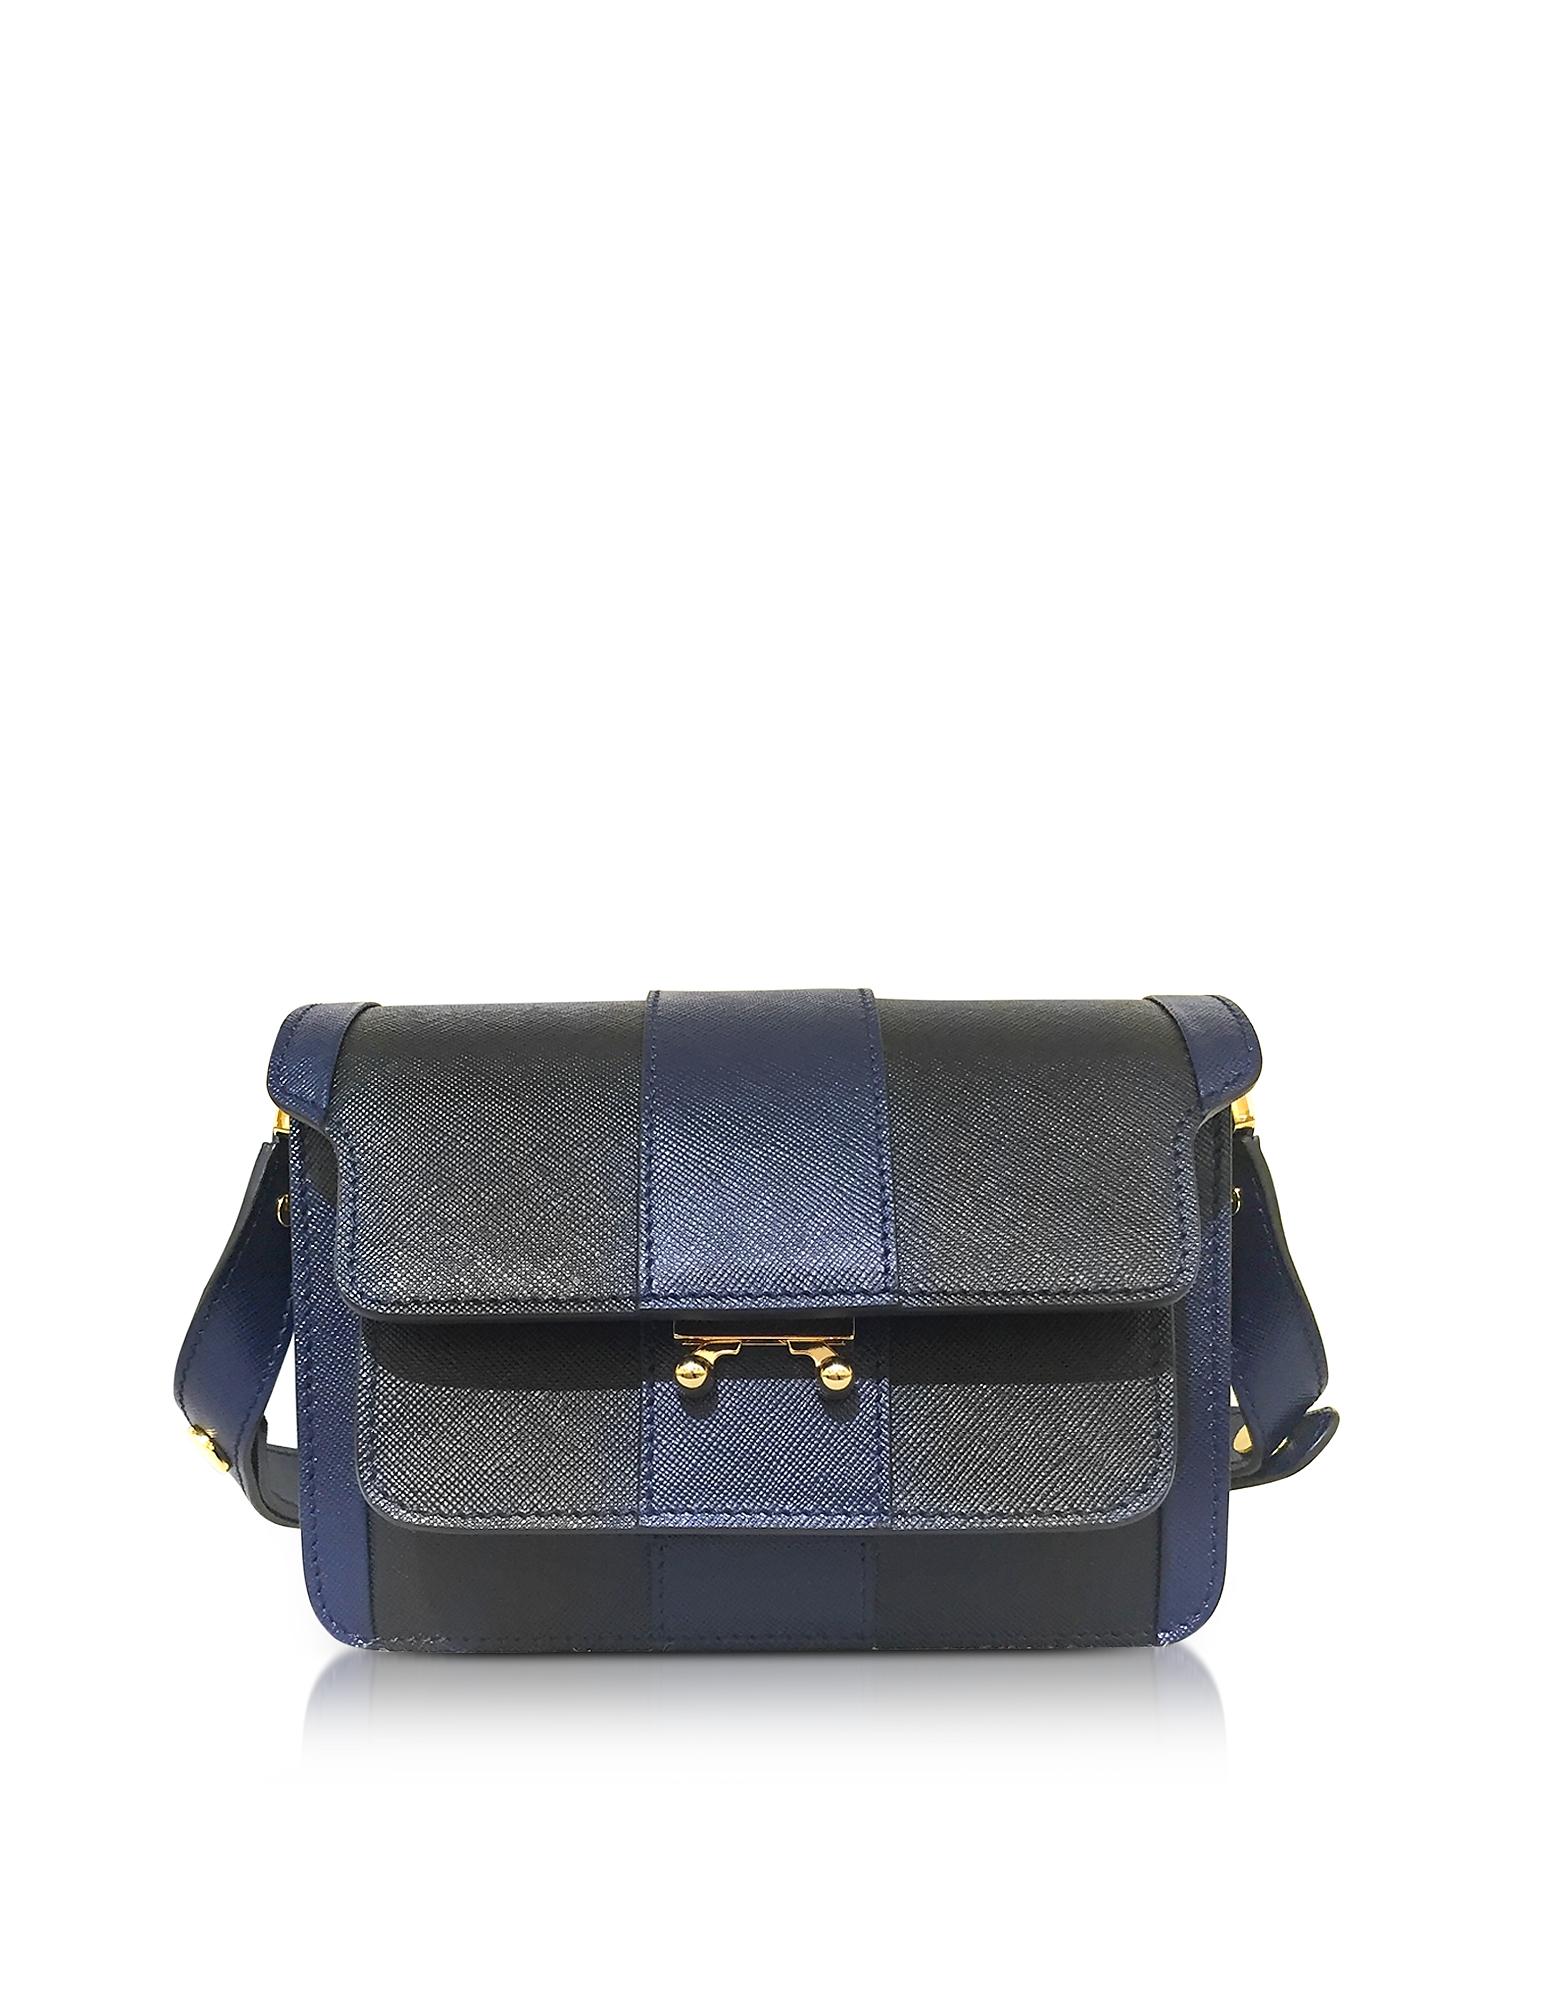 Mini Trunk Bag - Маленькая Сумка из Сафьяновой Кожи с Темно-синими и Черными Полосками